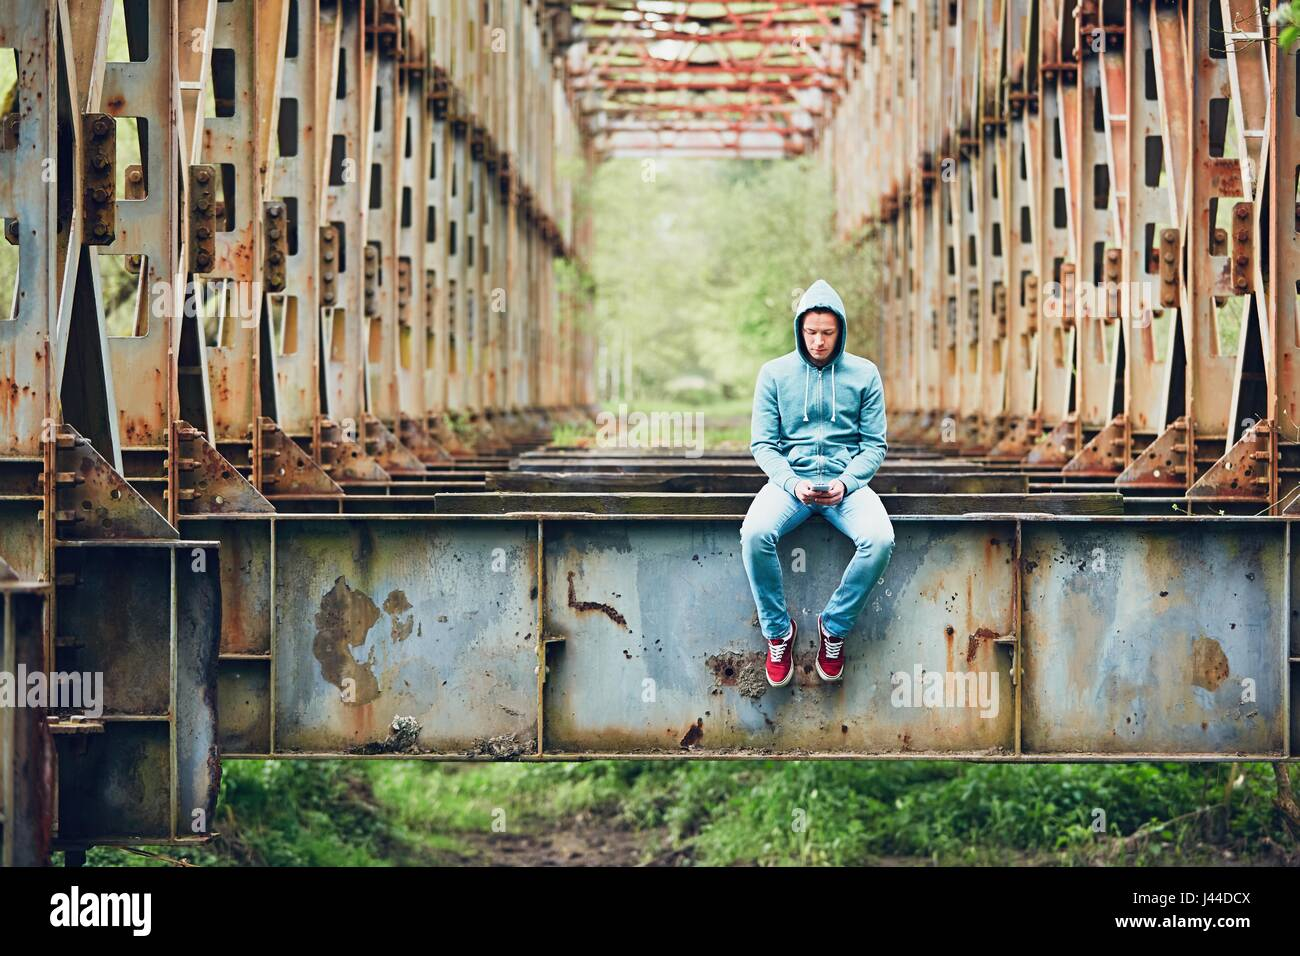 Trauriger Mann mit Handy auf der verlassenen rostigen Brücke. Konzept für Traurigkeit, Einsamkeit, Verbindung und Stockfoto